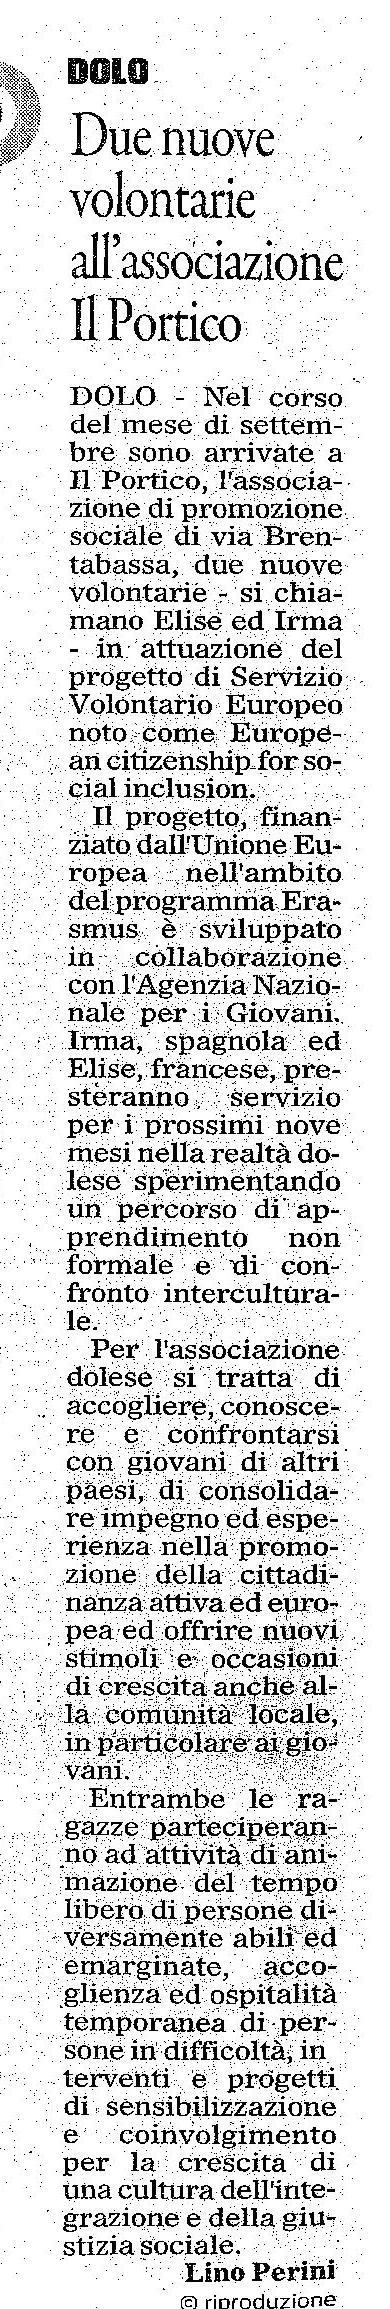 2015.10.05 Il Gazzettino di Venezia (p. 10)